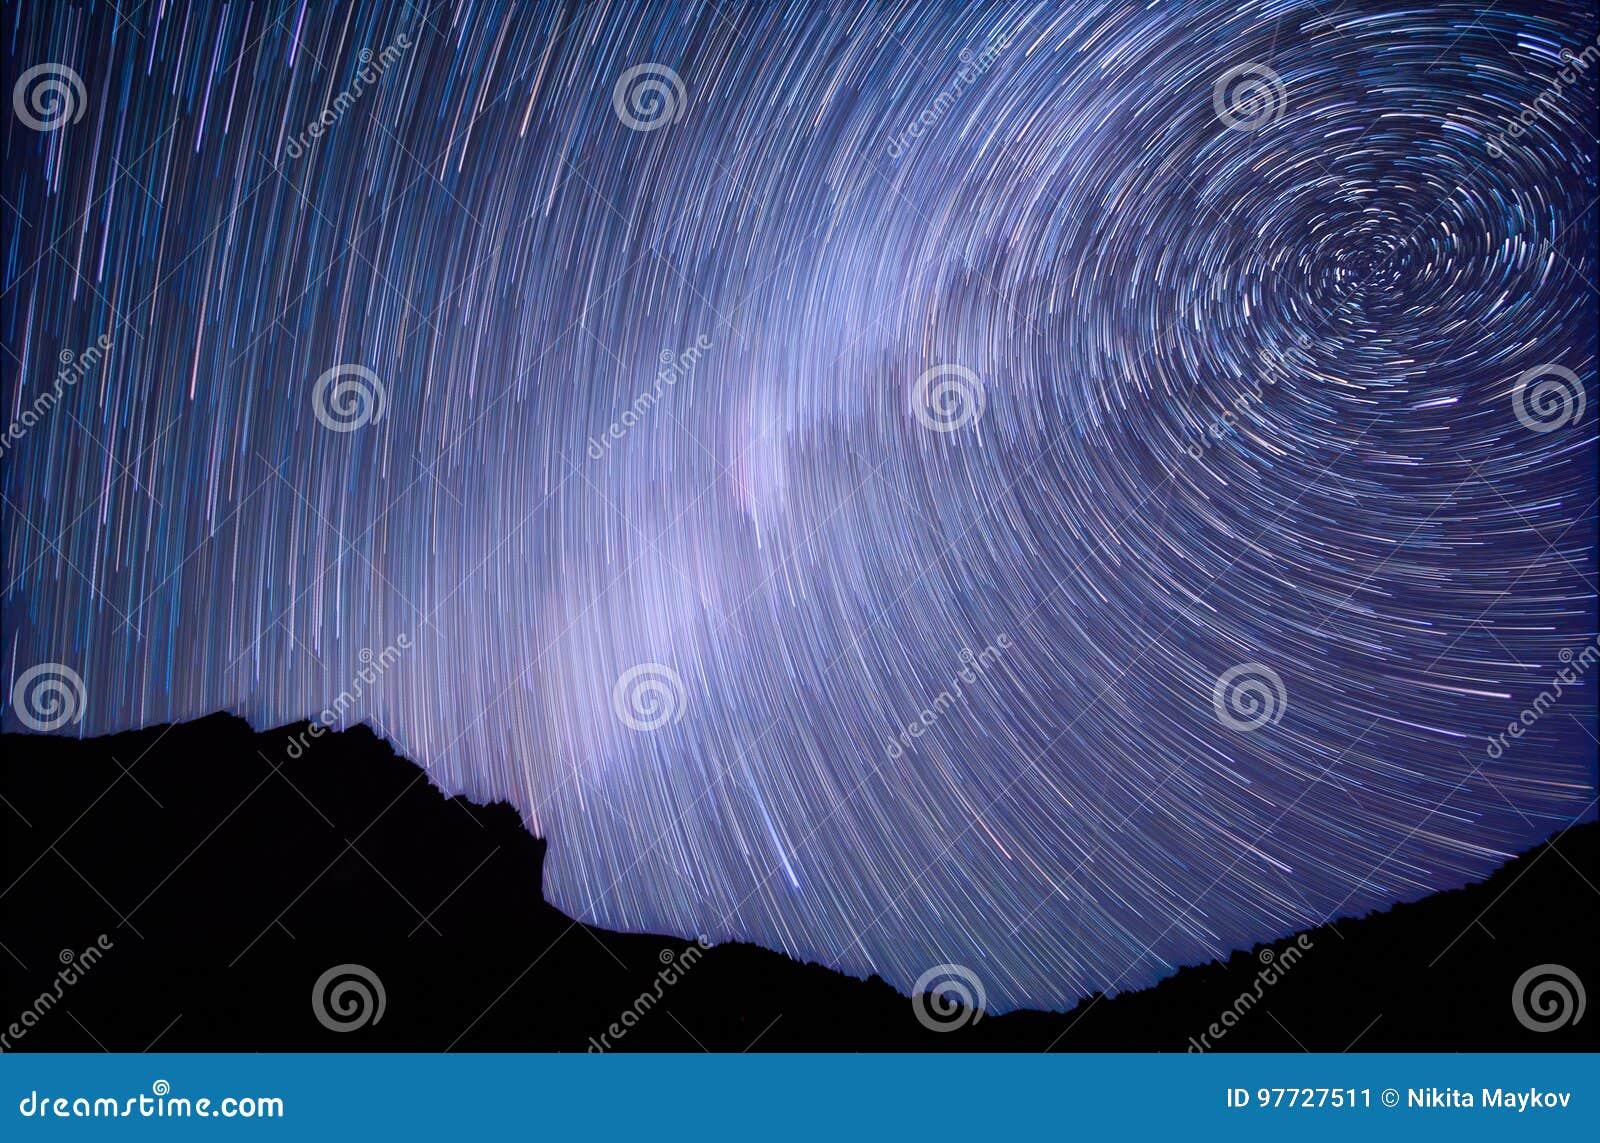 Milky Way. Spiral